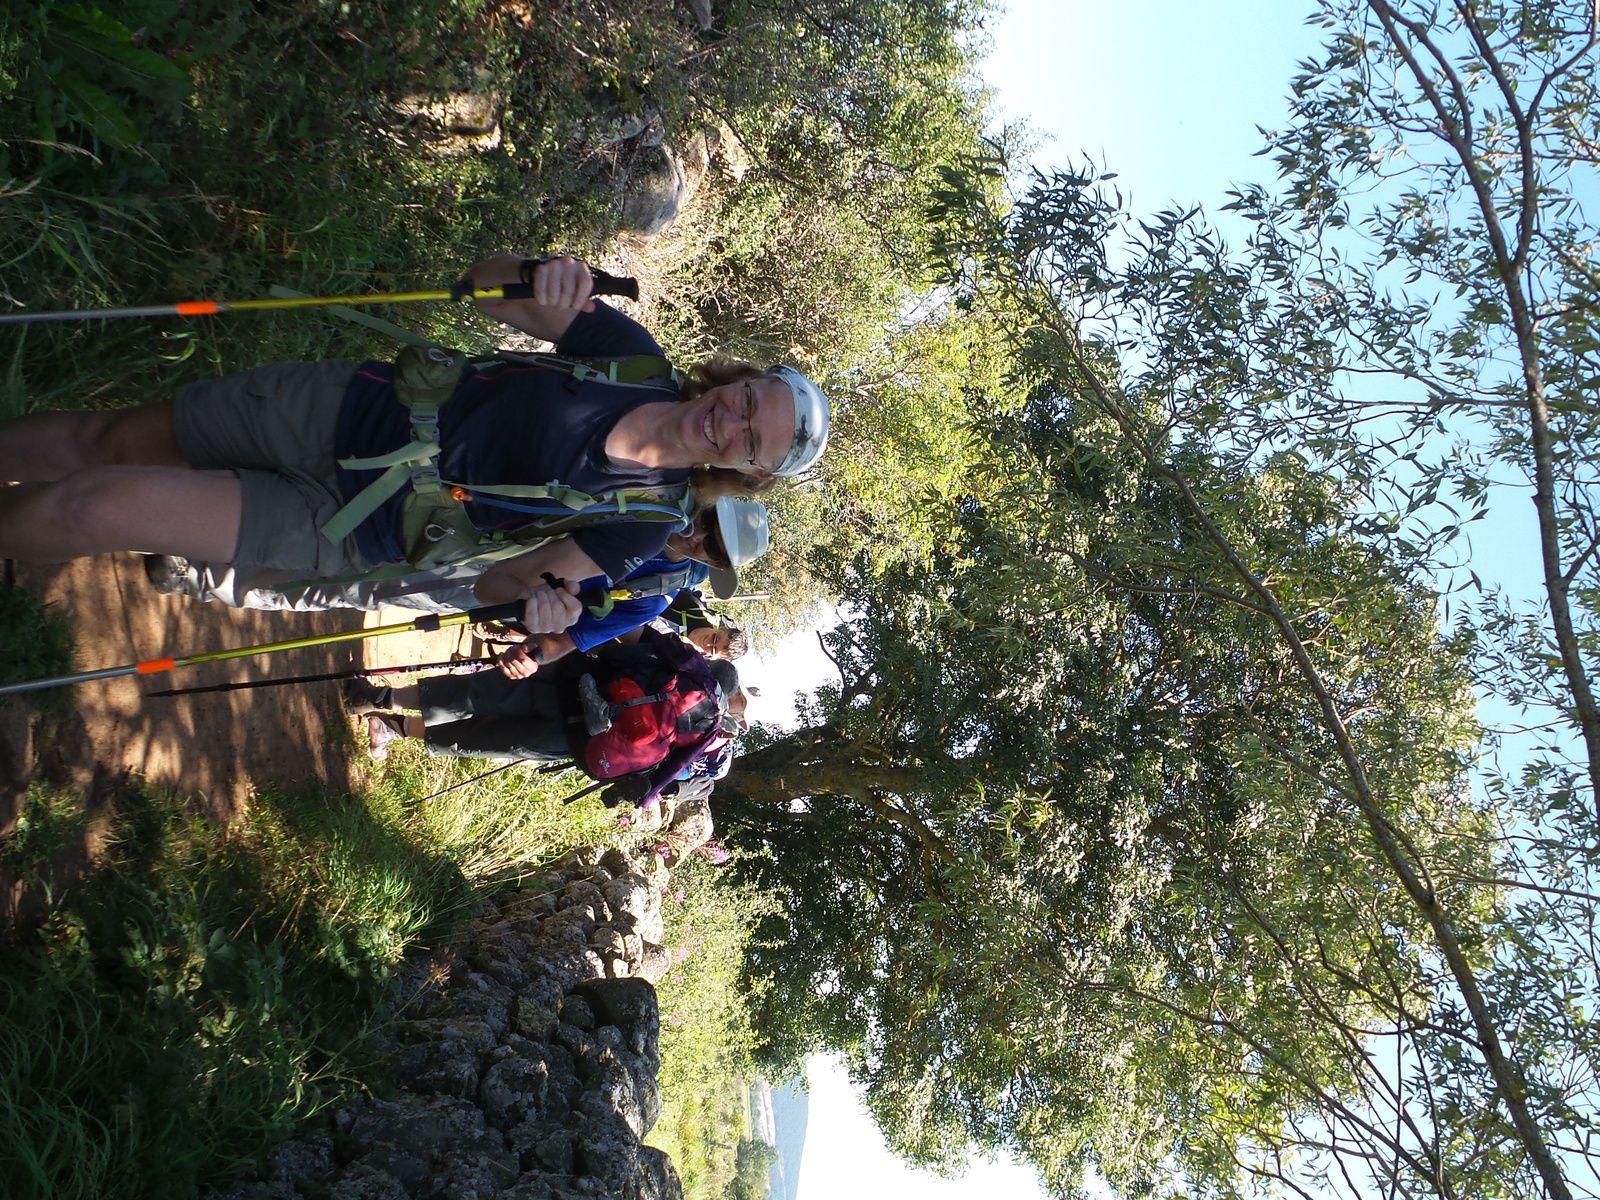 Jour 1, départ avec mes parents, les  aurevoirs et marche jusqu'à Saint - Privat d'Allier - 24 km